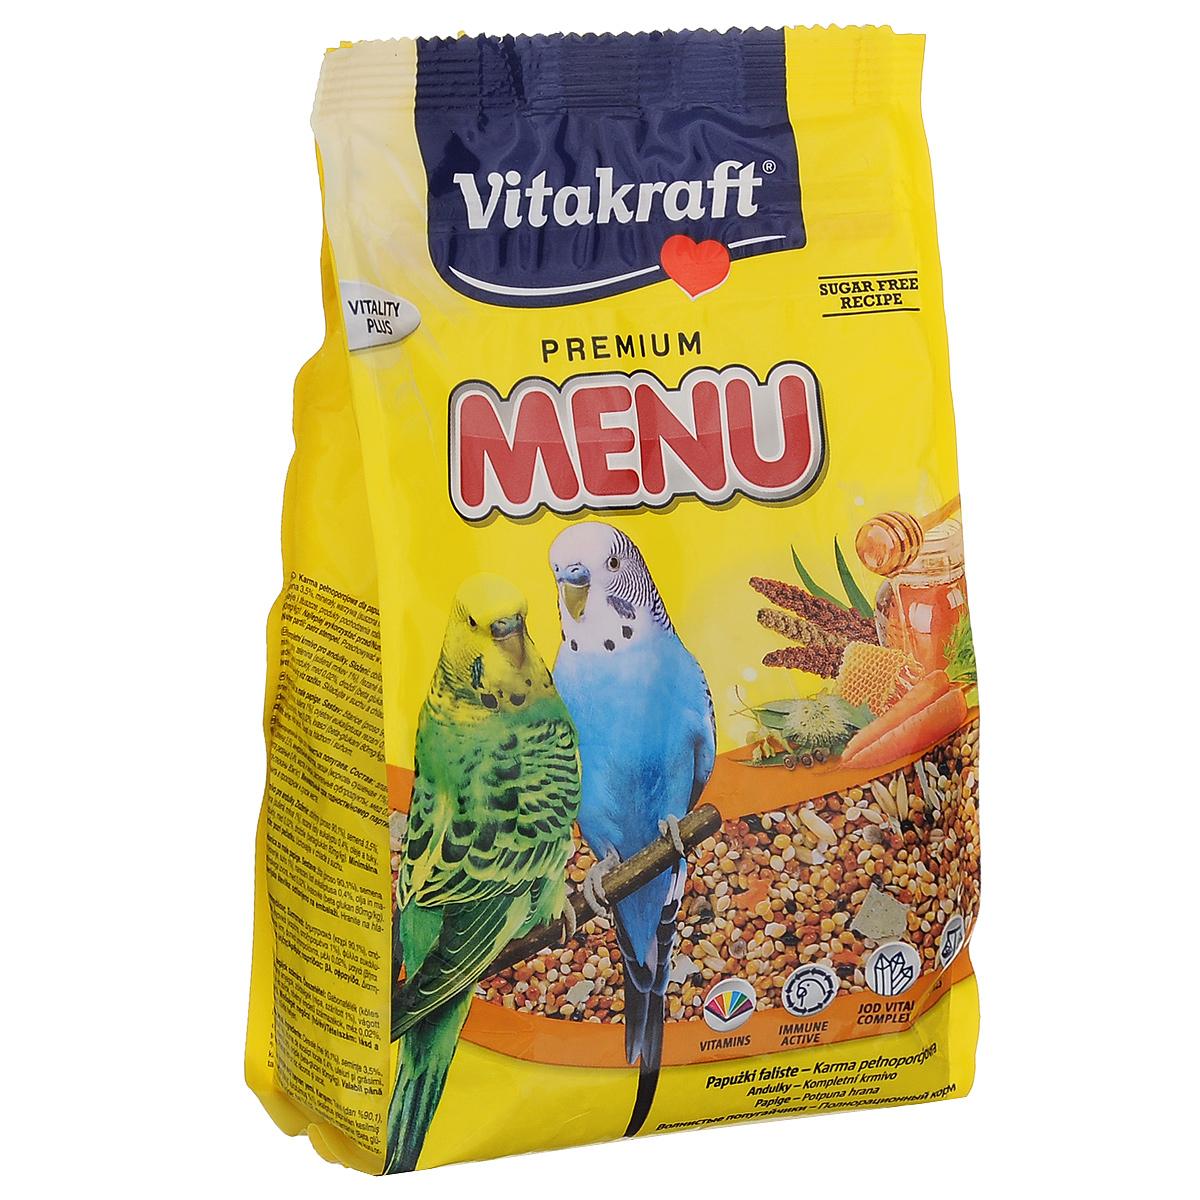 Корм для волнистых попугаев Vitakraft Menu Vital, 500 г0120710Основной корм для волнистых попугайчиков Vitakraft Menu Vital с комплексом Vital, усиливающим иммунную систему, обогащен витаминами и минералами. Корм в своем составе имеет добавки, имеющие полезные свойства, благодаря которым иммунная система вашего любимого питомца будет значительно укреплена. Корм включает в себя также и витаминами с минералами, отличаясь этим от других кормов. В него добавлен мед и рыбий жир, что существенно улучшит структуру и окрас перьев вашего попугая. Ингредиенты: злаки (просо 90,1%), семена 3,5%, минеральные вещества, овощи (морковь сушеная 1%), листики эвкалипта резаные 0,4%, масла и жиры, растительные субпродукты, мед 0,02%, дрожжи (бета-глюканы 80 мг/кг). Состав: жиры - 4,5%, белки - 11%, клетчатка - 9%, влажность - 11%, зола - 4%, а наличие витаминов А, D3, С, В2, Е. С будет способствовать активному росту и развитию вашего питомца. Также эти витамины помогут попугаю обрести более яркий окрас. Суточная норма составляет 10-12 граммов (1-2 чайные ложки). Товар сертифицирован.